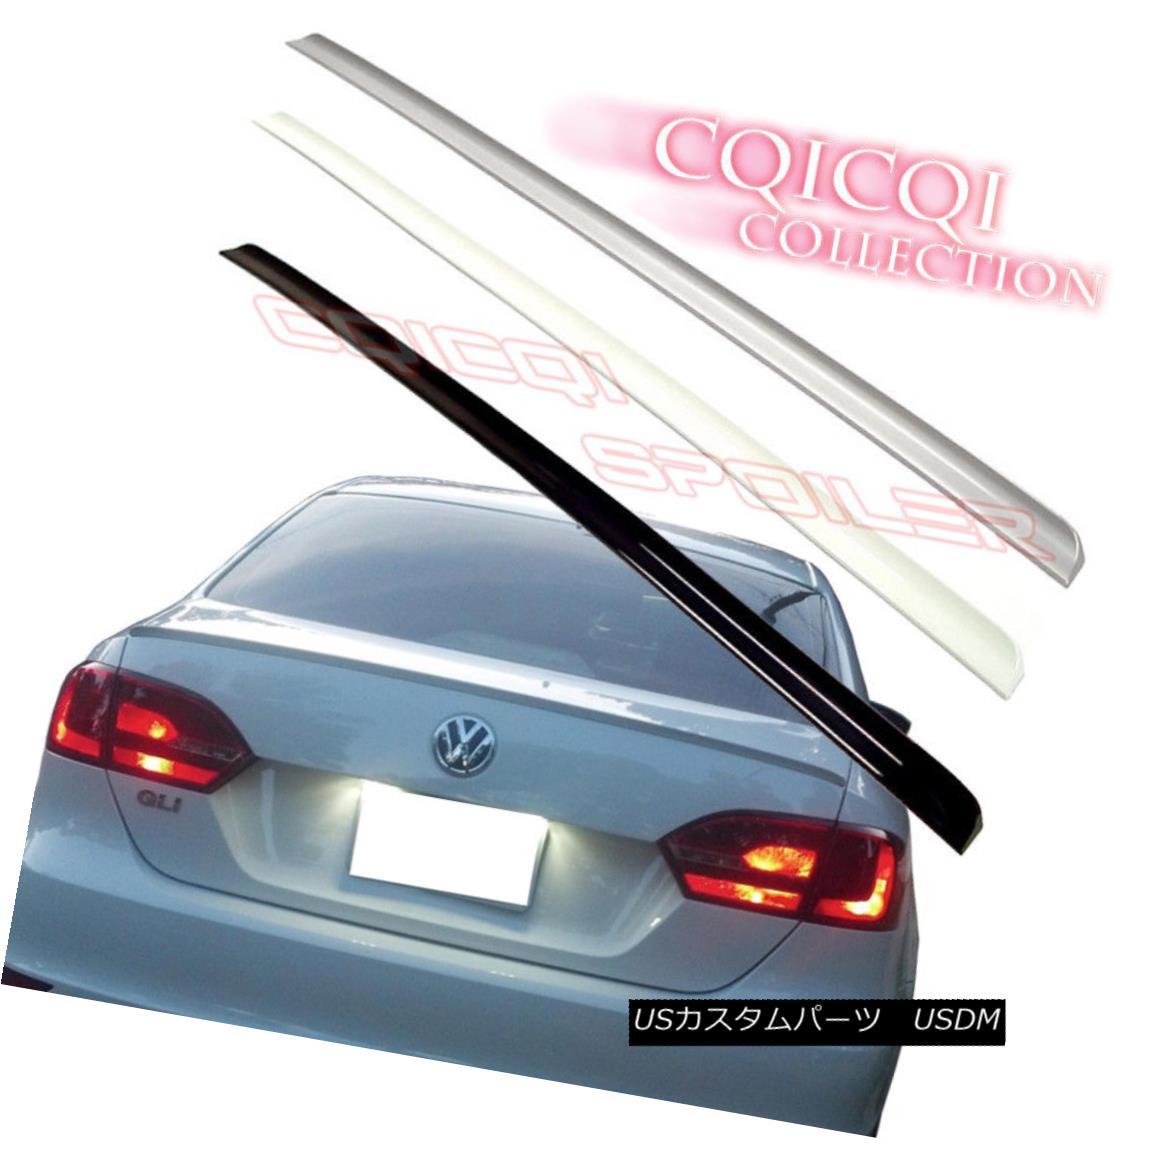 エアロパーツ Painted Trunk Lip Spoiler For 11-17 VW JETTA MK6 Sedan LB9A color:candy white ◎ 11-17 VWジェットMK6セダンLB9Aのための塗られたトランクリップ・スポイラー色:キャンディー白?